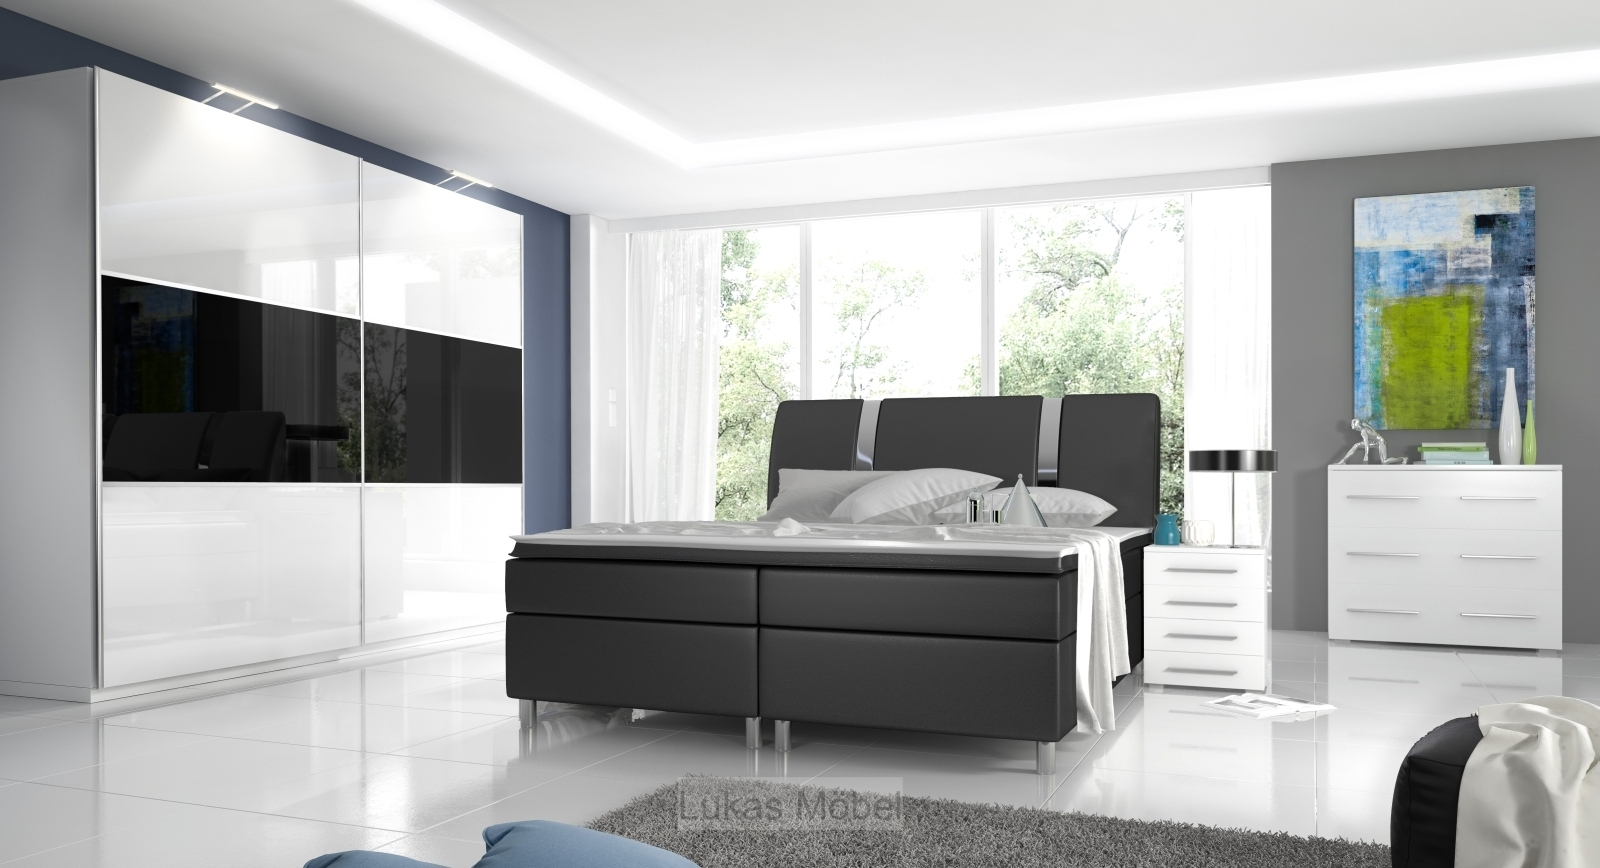 Full Size of Komplett Schlafzimmer Hochglanz Rivabox Mit überbau Komplette Landhausstil Breaking Bad Serie Fototapete Günstig Günstige Komplettes Led Deckenleuchte Schlafzimmer Komplette Schlafzimmer